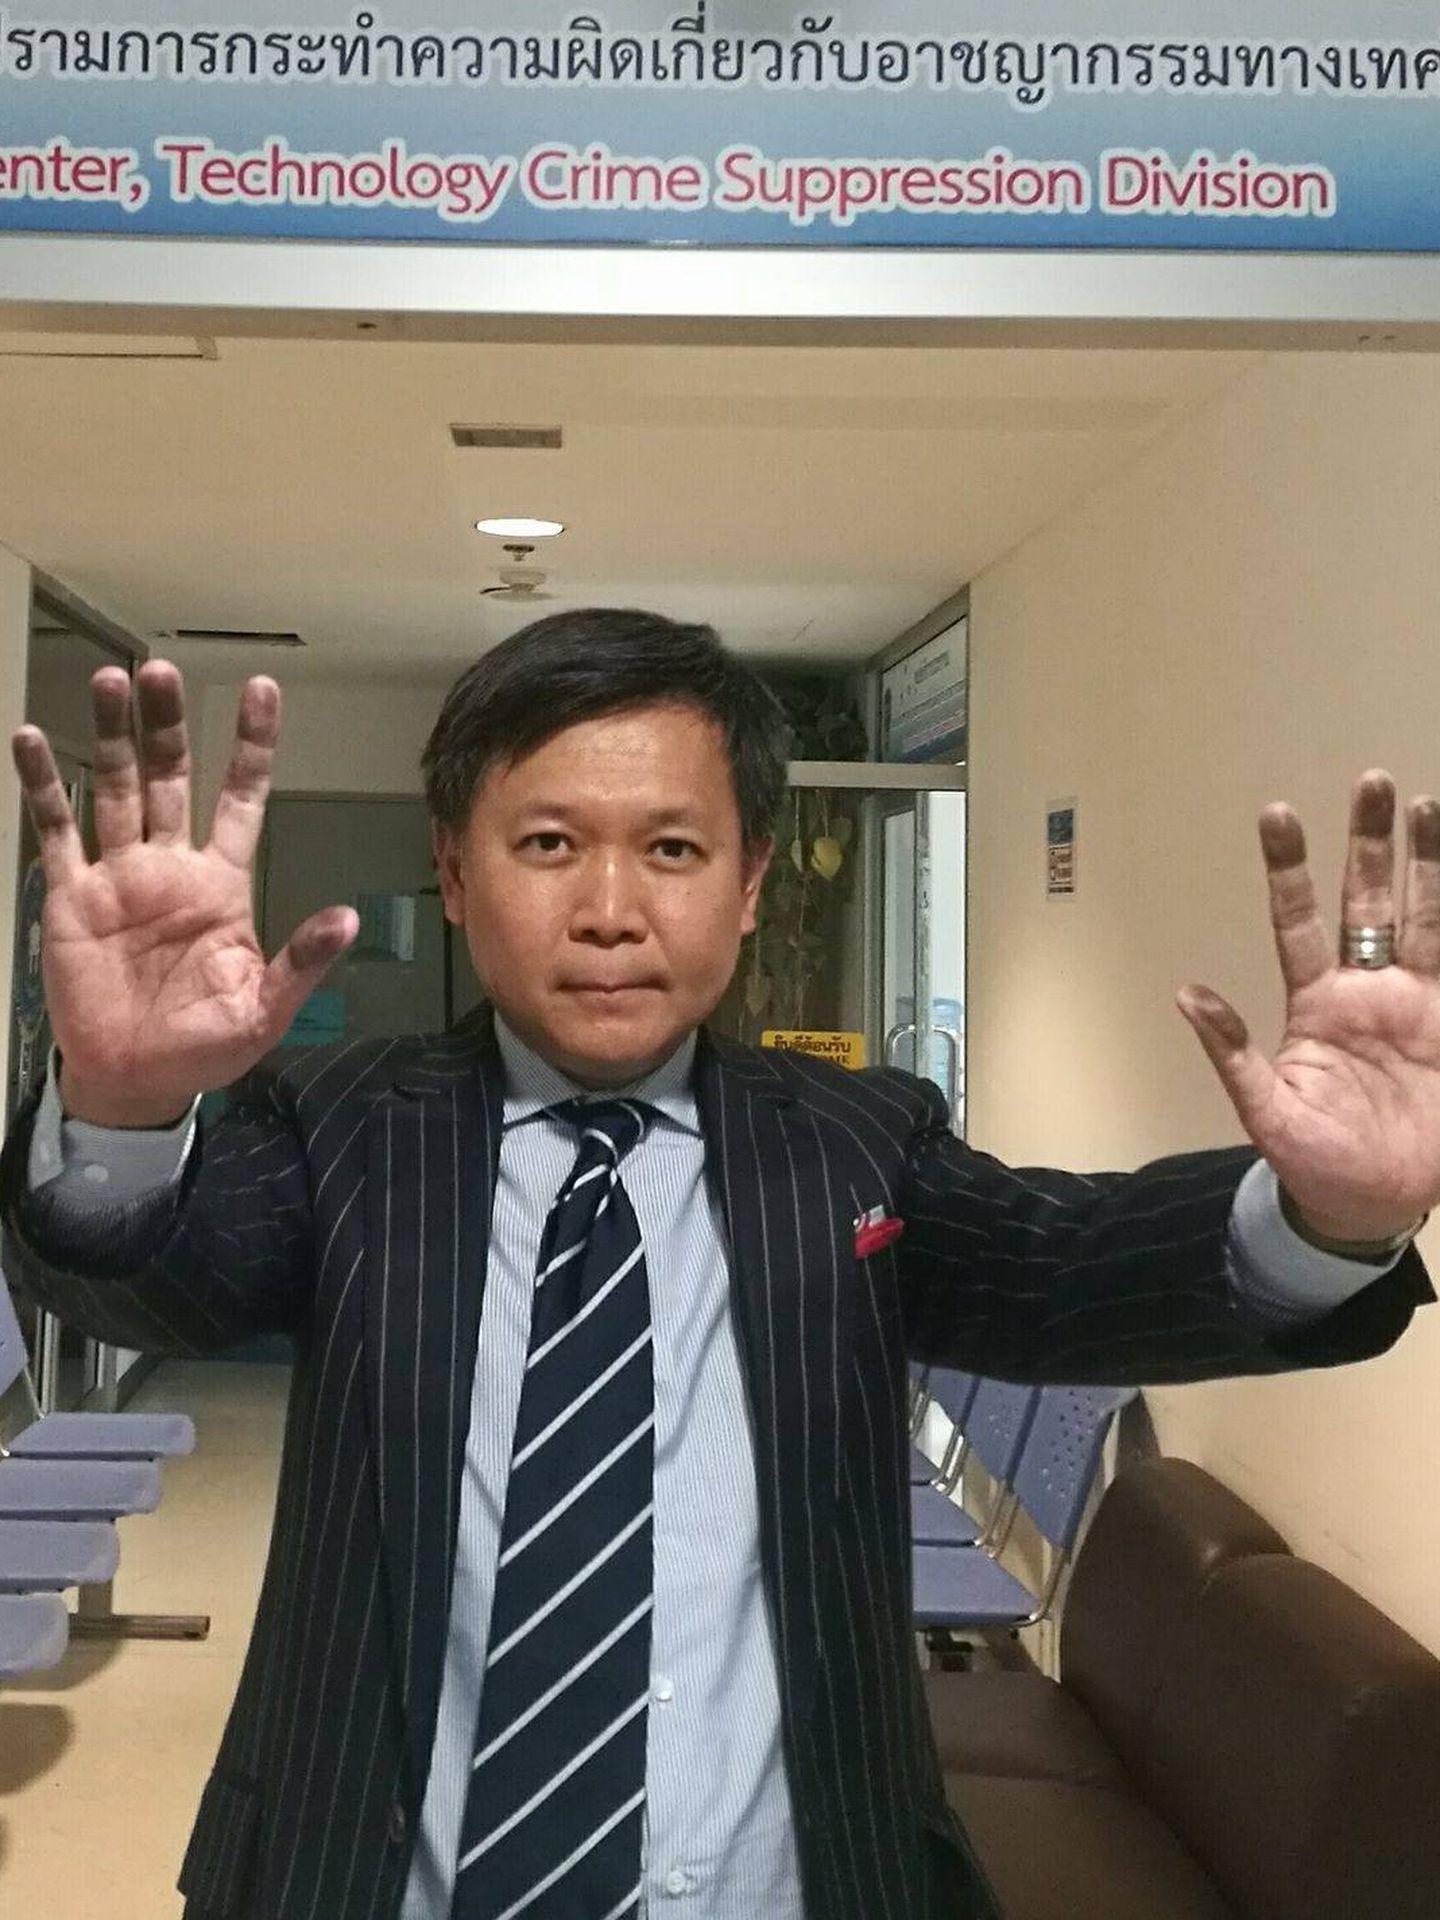 Pravit, en una imagen personal. (Cortesía)